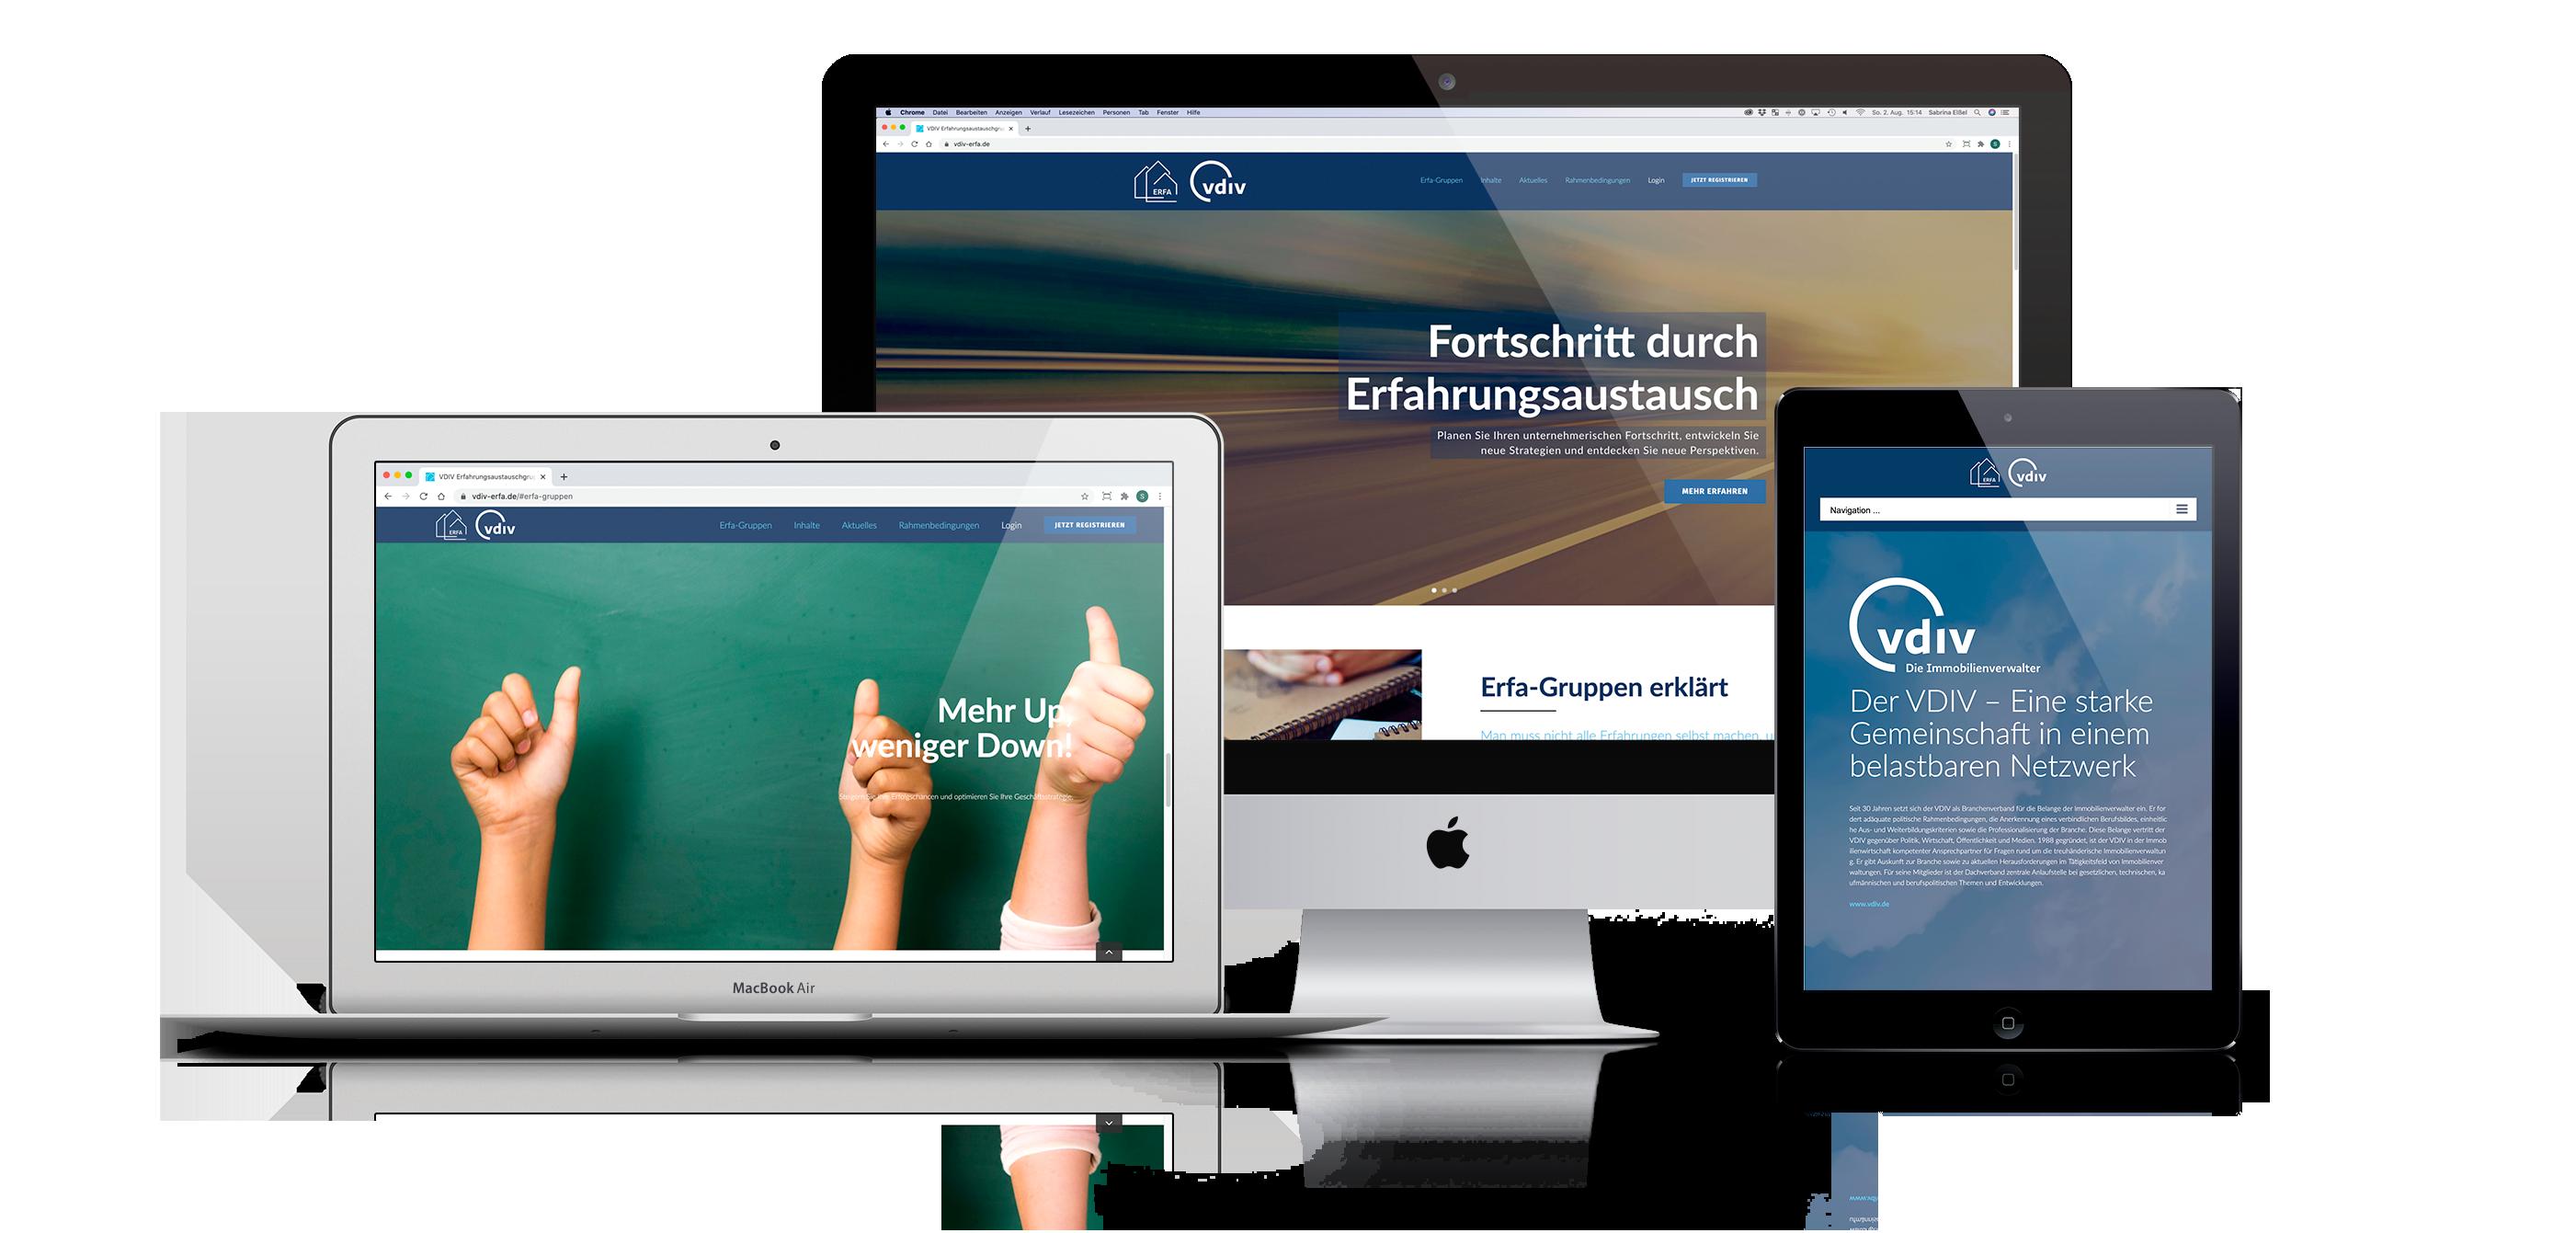 Entwicklung Kommunikationskonzept für VDIV Erfahrungsaustauschgruppe. Gestaltung und Umsetzung einer responsive Webseite.